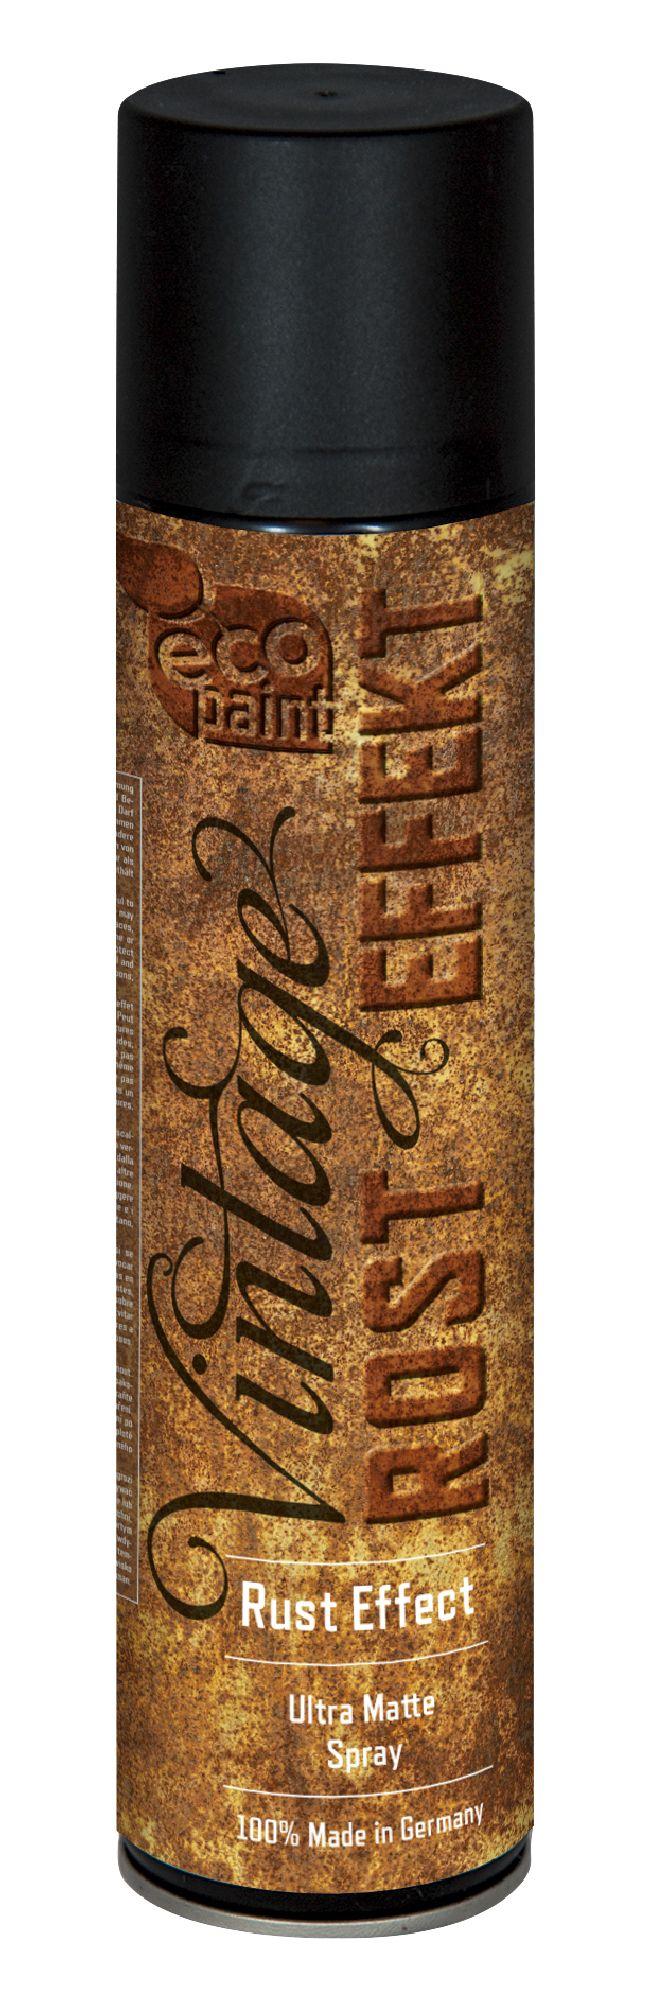 Vintage Spray Rost Effekt 20001 400 ml